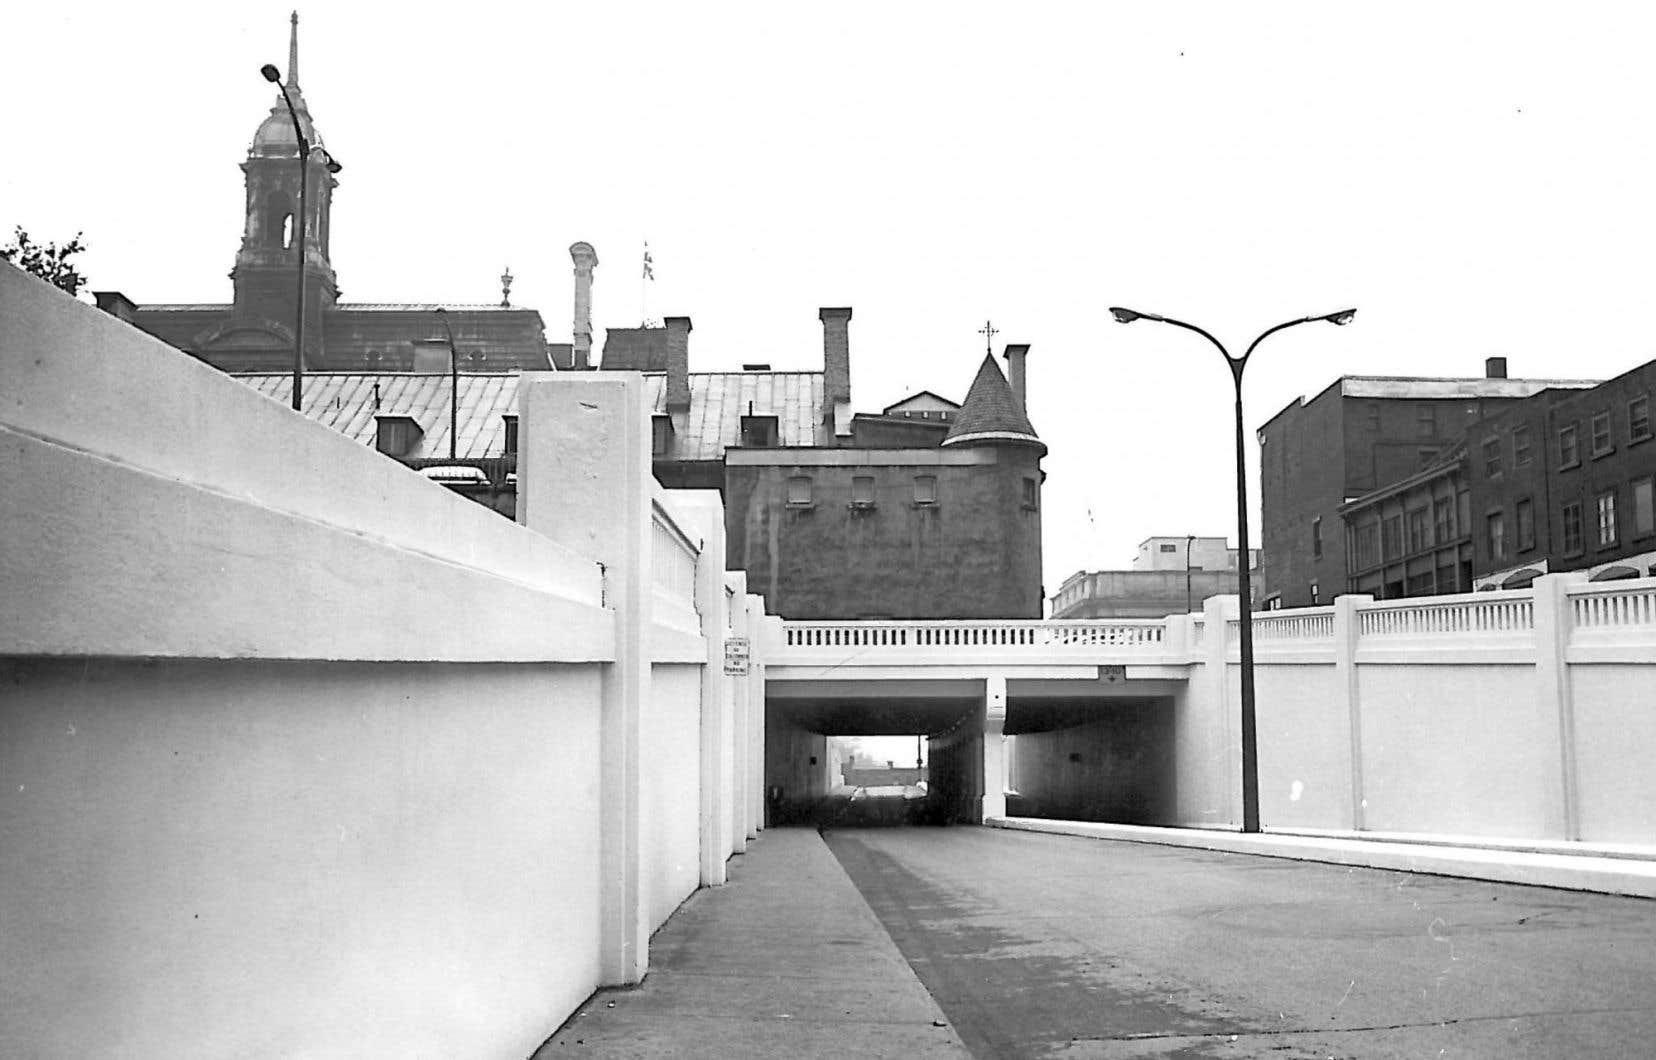 Photographie du tunnel avant qu'il soit fermé et où plus de 30000 objets seront exposés.